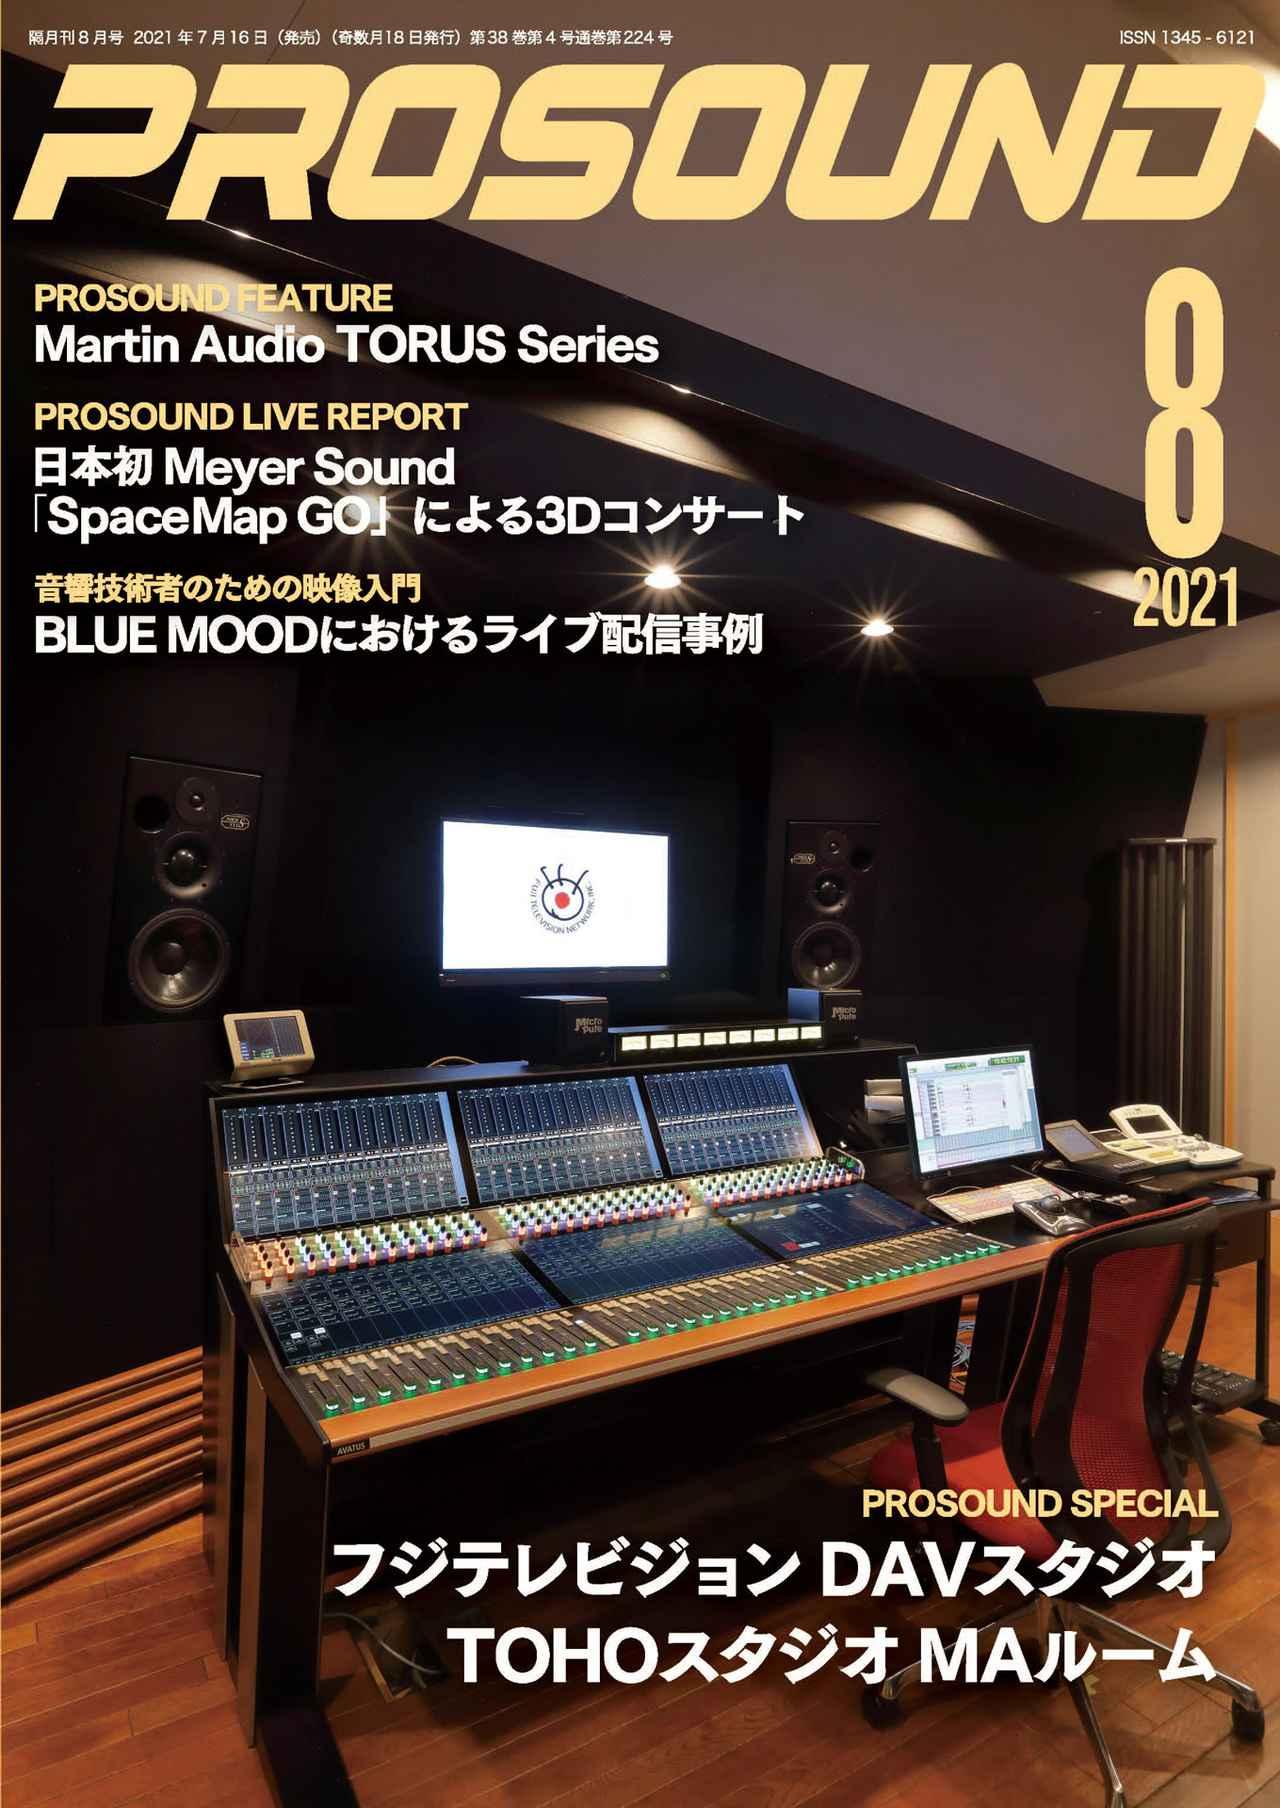 画像: PROSOUND 2021年8月号は、7月16日発売! フジテレビジョン DAVスタジオ、TOHOスタジオ MAルーム、Martin Audio TORUS Series、日本初Meyer Sound SpaceMap GOによる3Dコンサート、そしてプロサウンドならではの情報も満載!